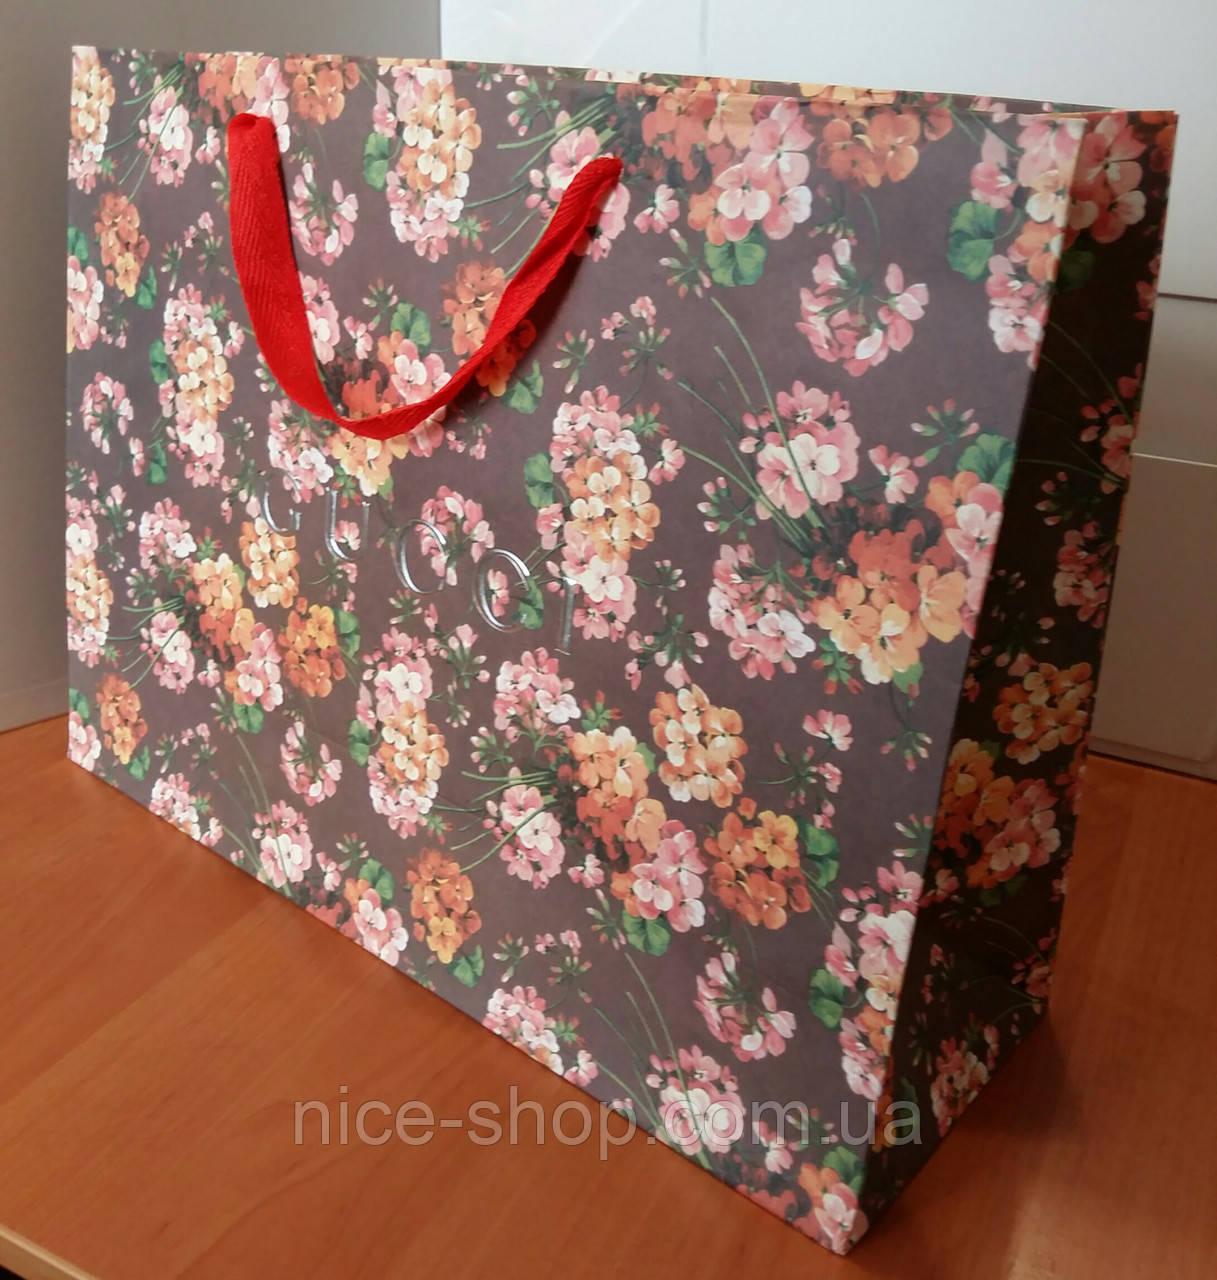 Подарунковий пакет Gucci: горизонталь, махі